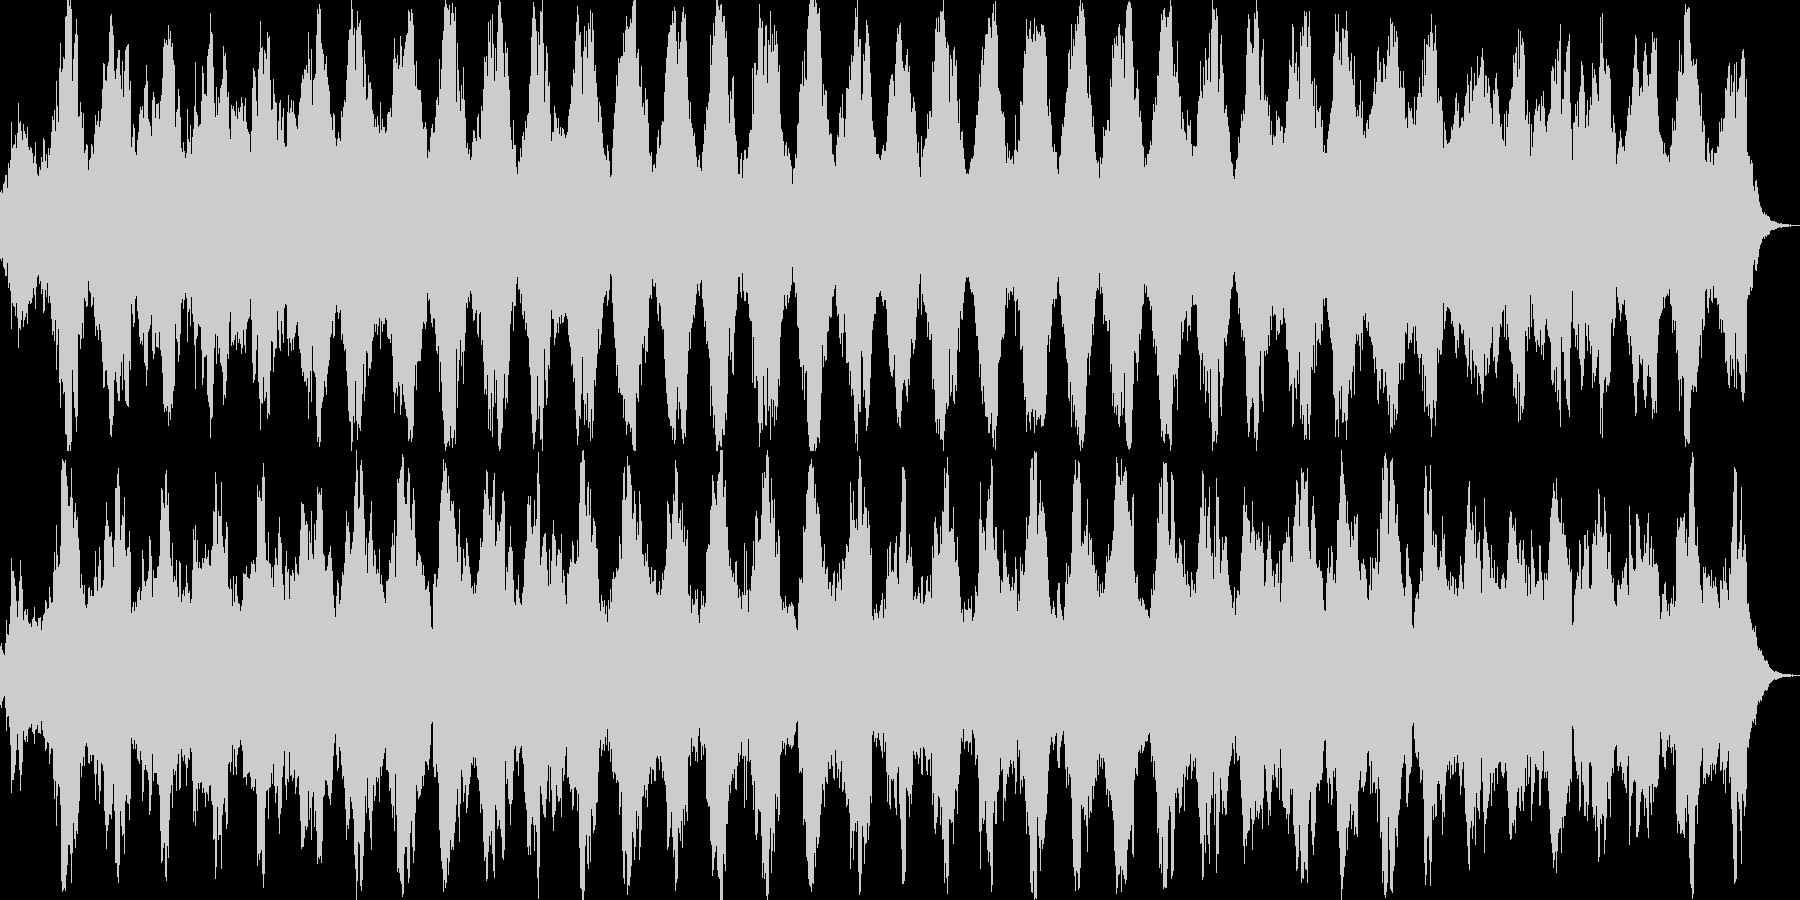 映画のサントラ、動画BGMに最適の未再生の波形